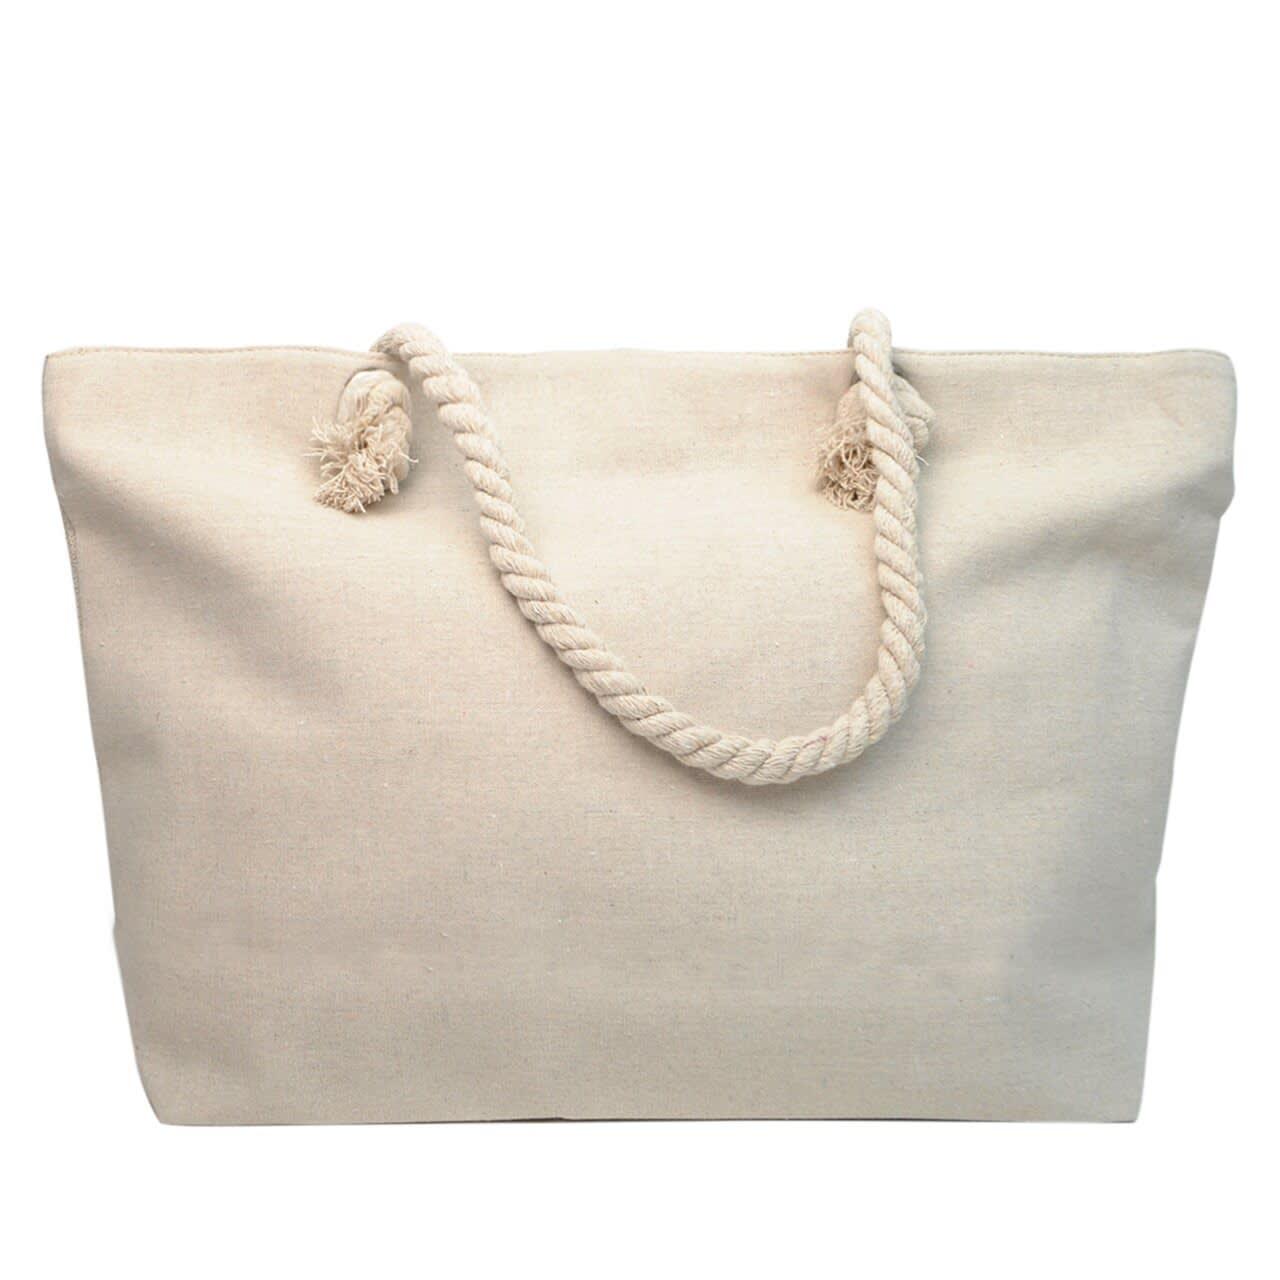 Flamingo Rhinestone Tote Beach Bag - Light Beige  - Back